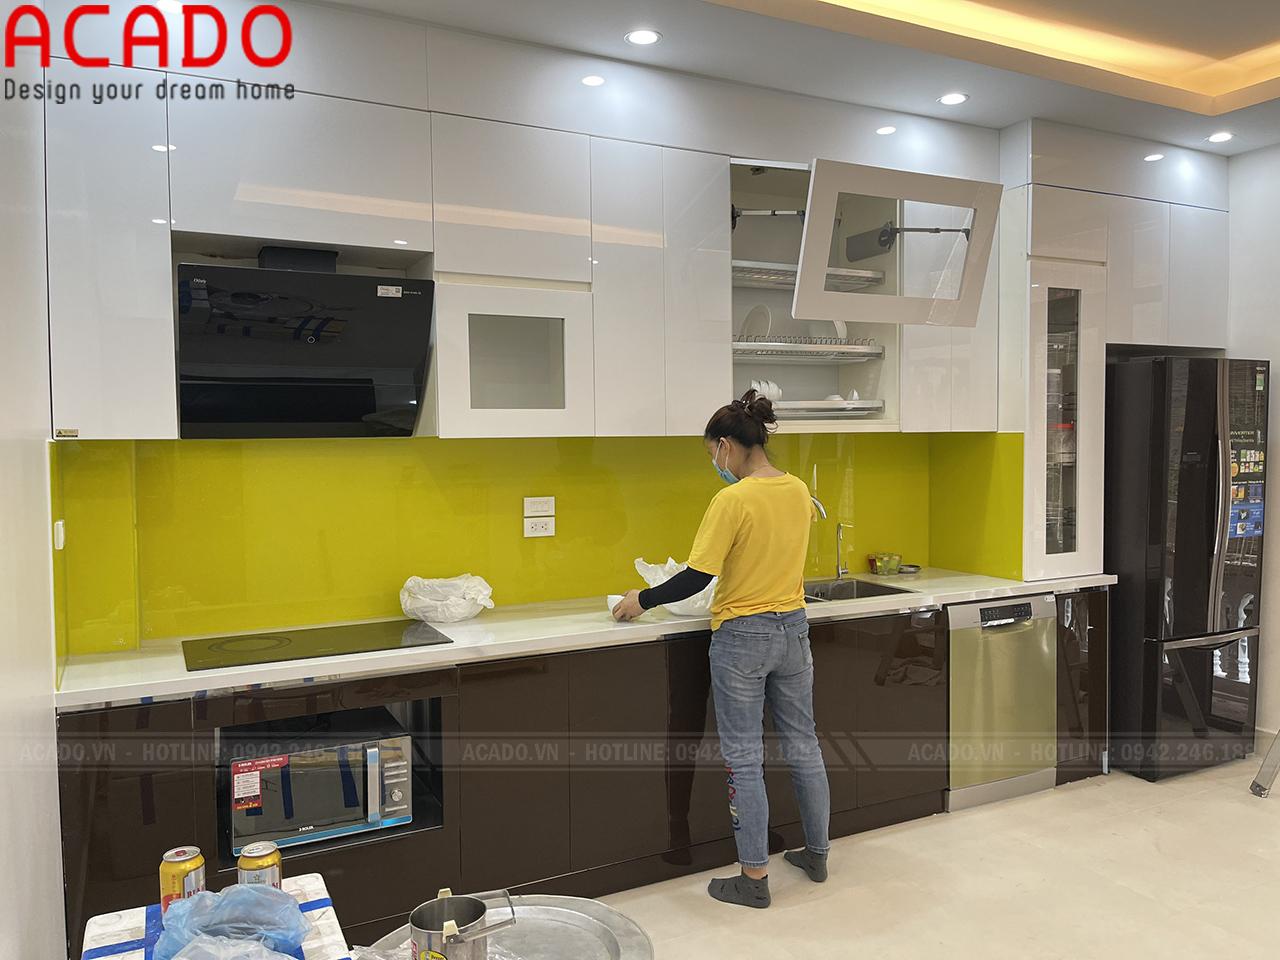 Thùng tủ bếp dưới Inox chắc chắn, bền đẹp chống nước tuyệt đối - Công trình thi công tủ bếp tại Văn Quán